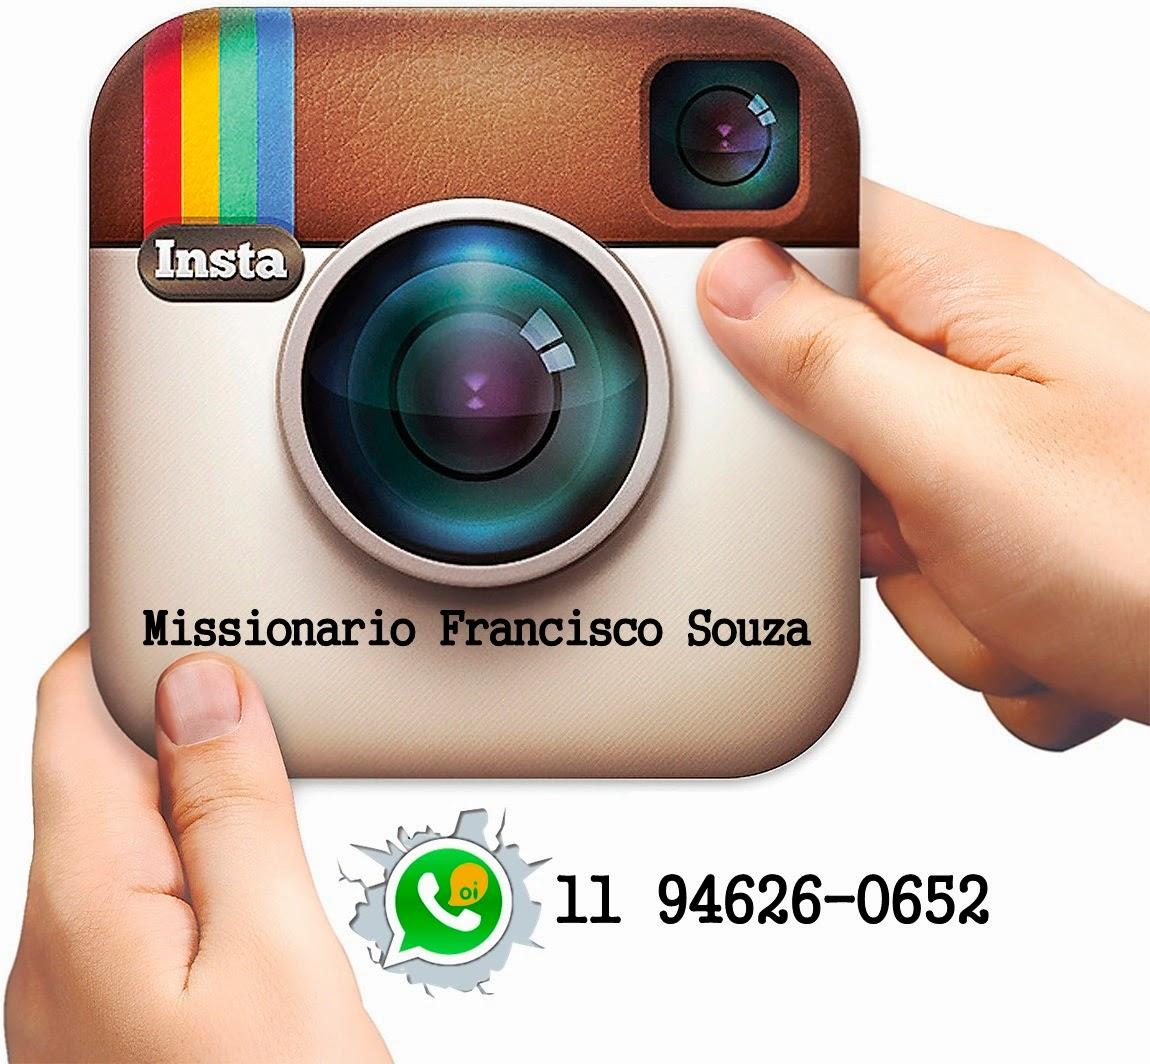 Venha Zap e o Instagram !!!